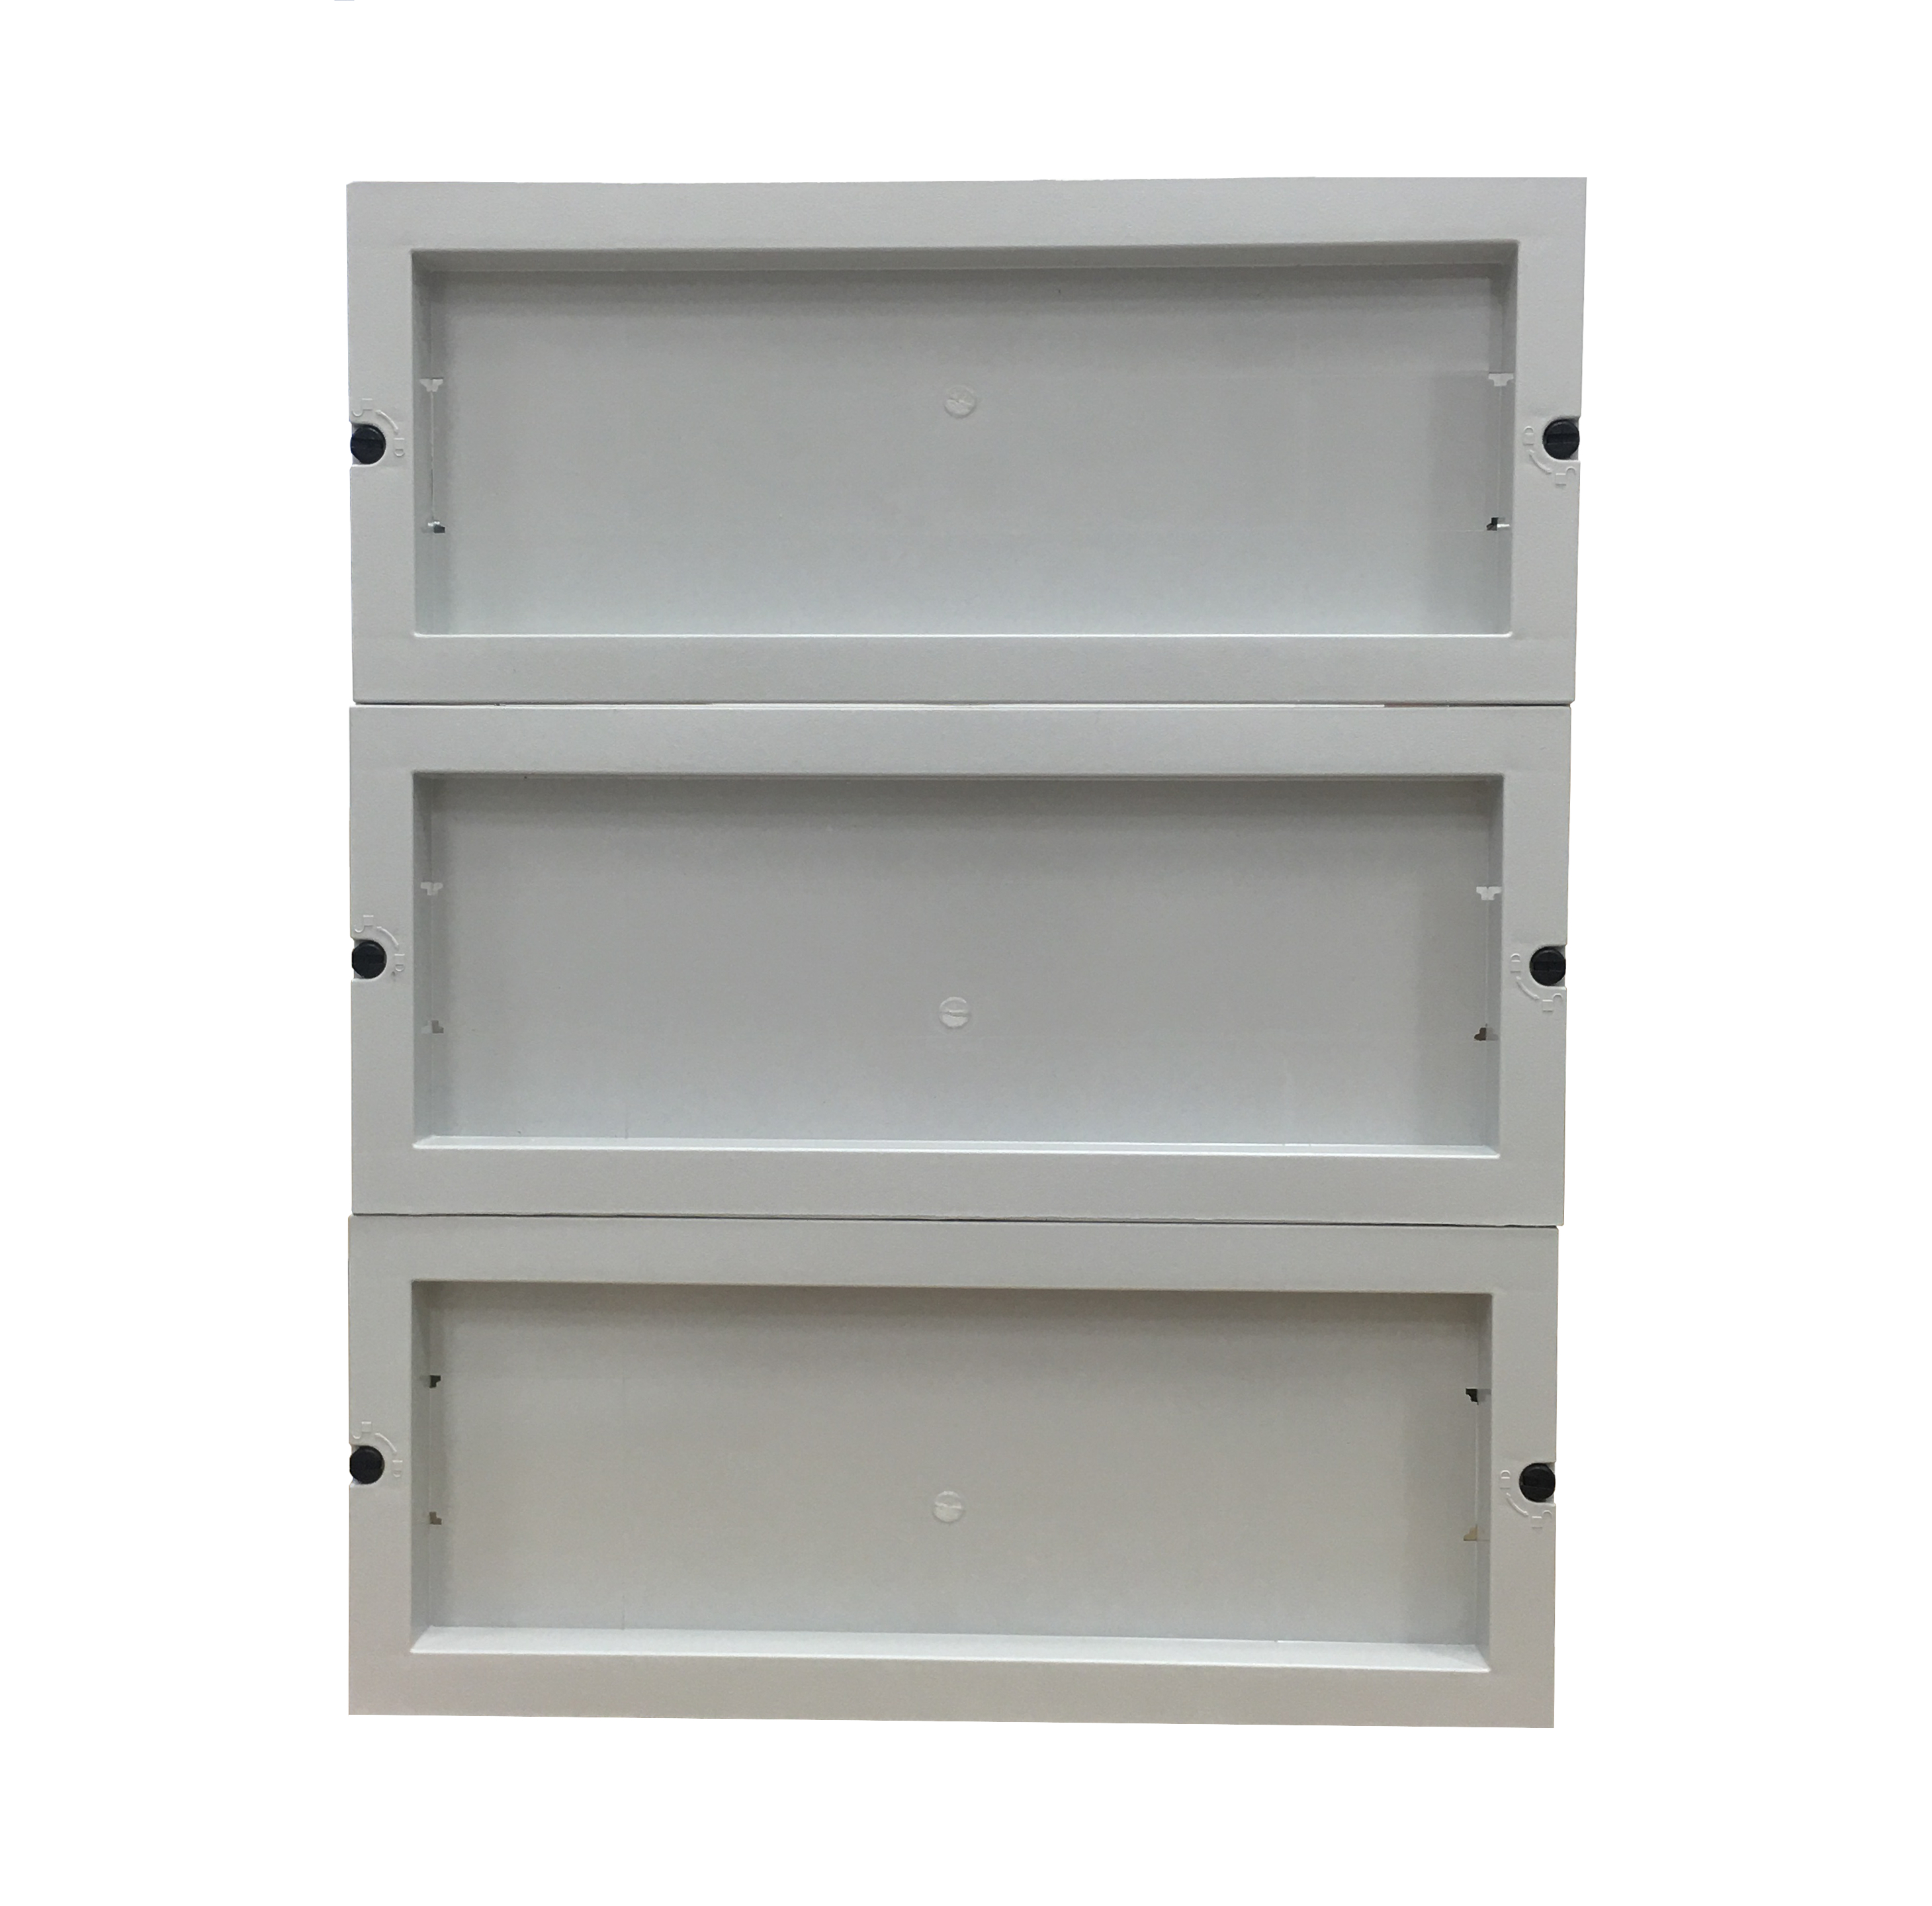 1 Stk Installationseinsatz für 600x400, 3x18 TE IMCH0064--